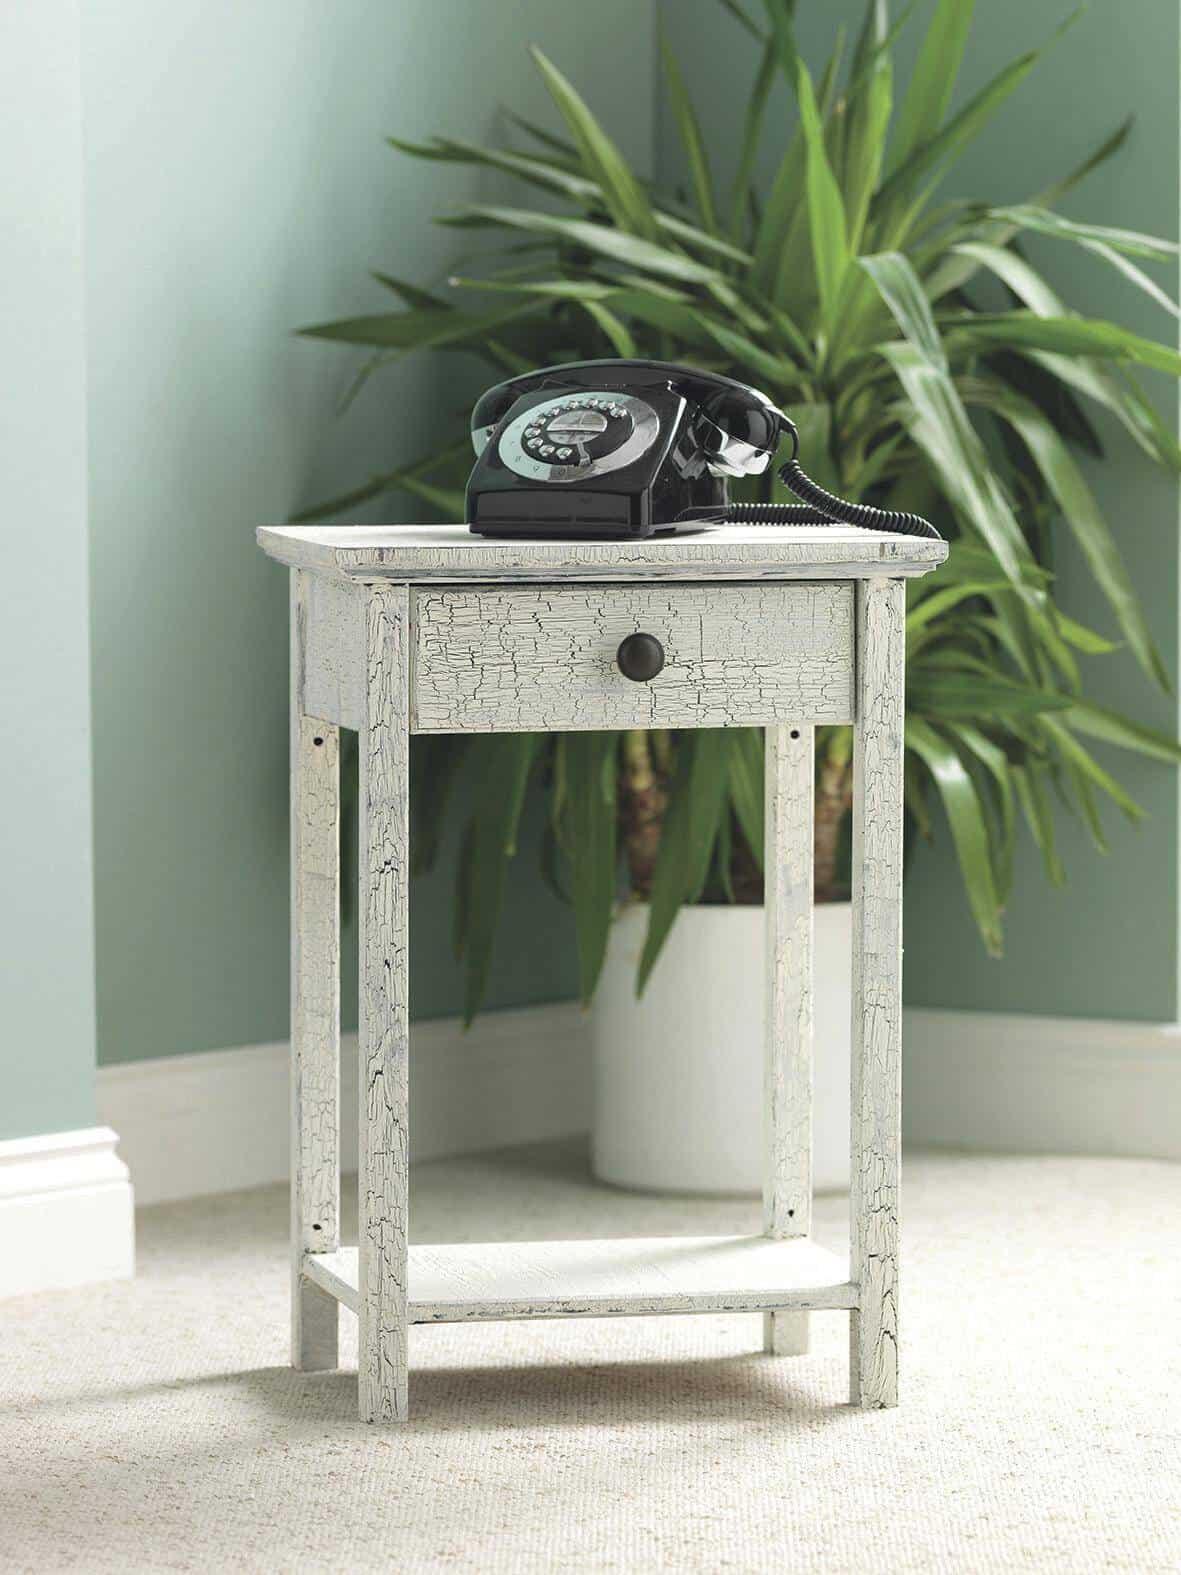 edler antik effekt zum selbermachen jetzt auf immobilien und hausbau. Black Bedroom Furniture Sets. Home Design Ideas